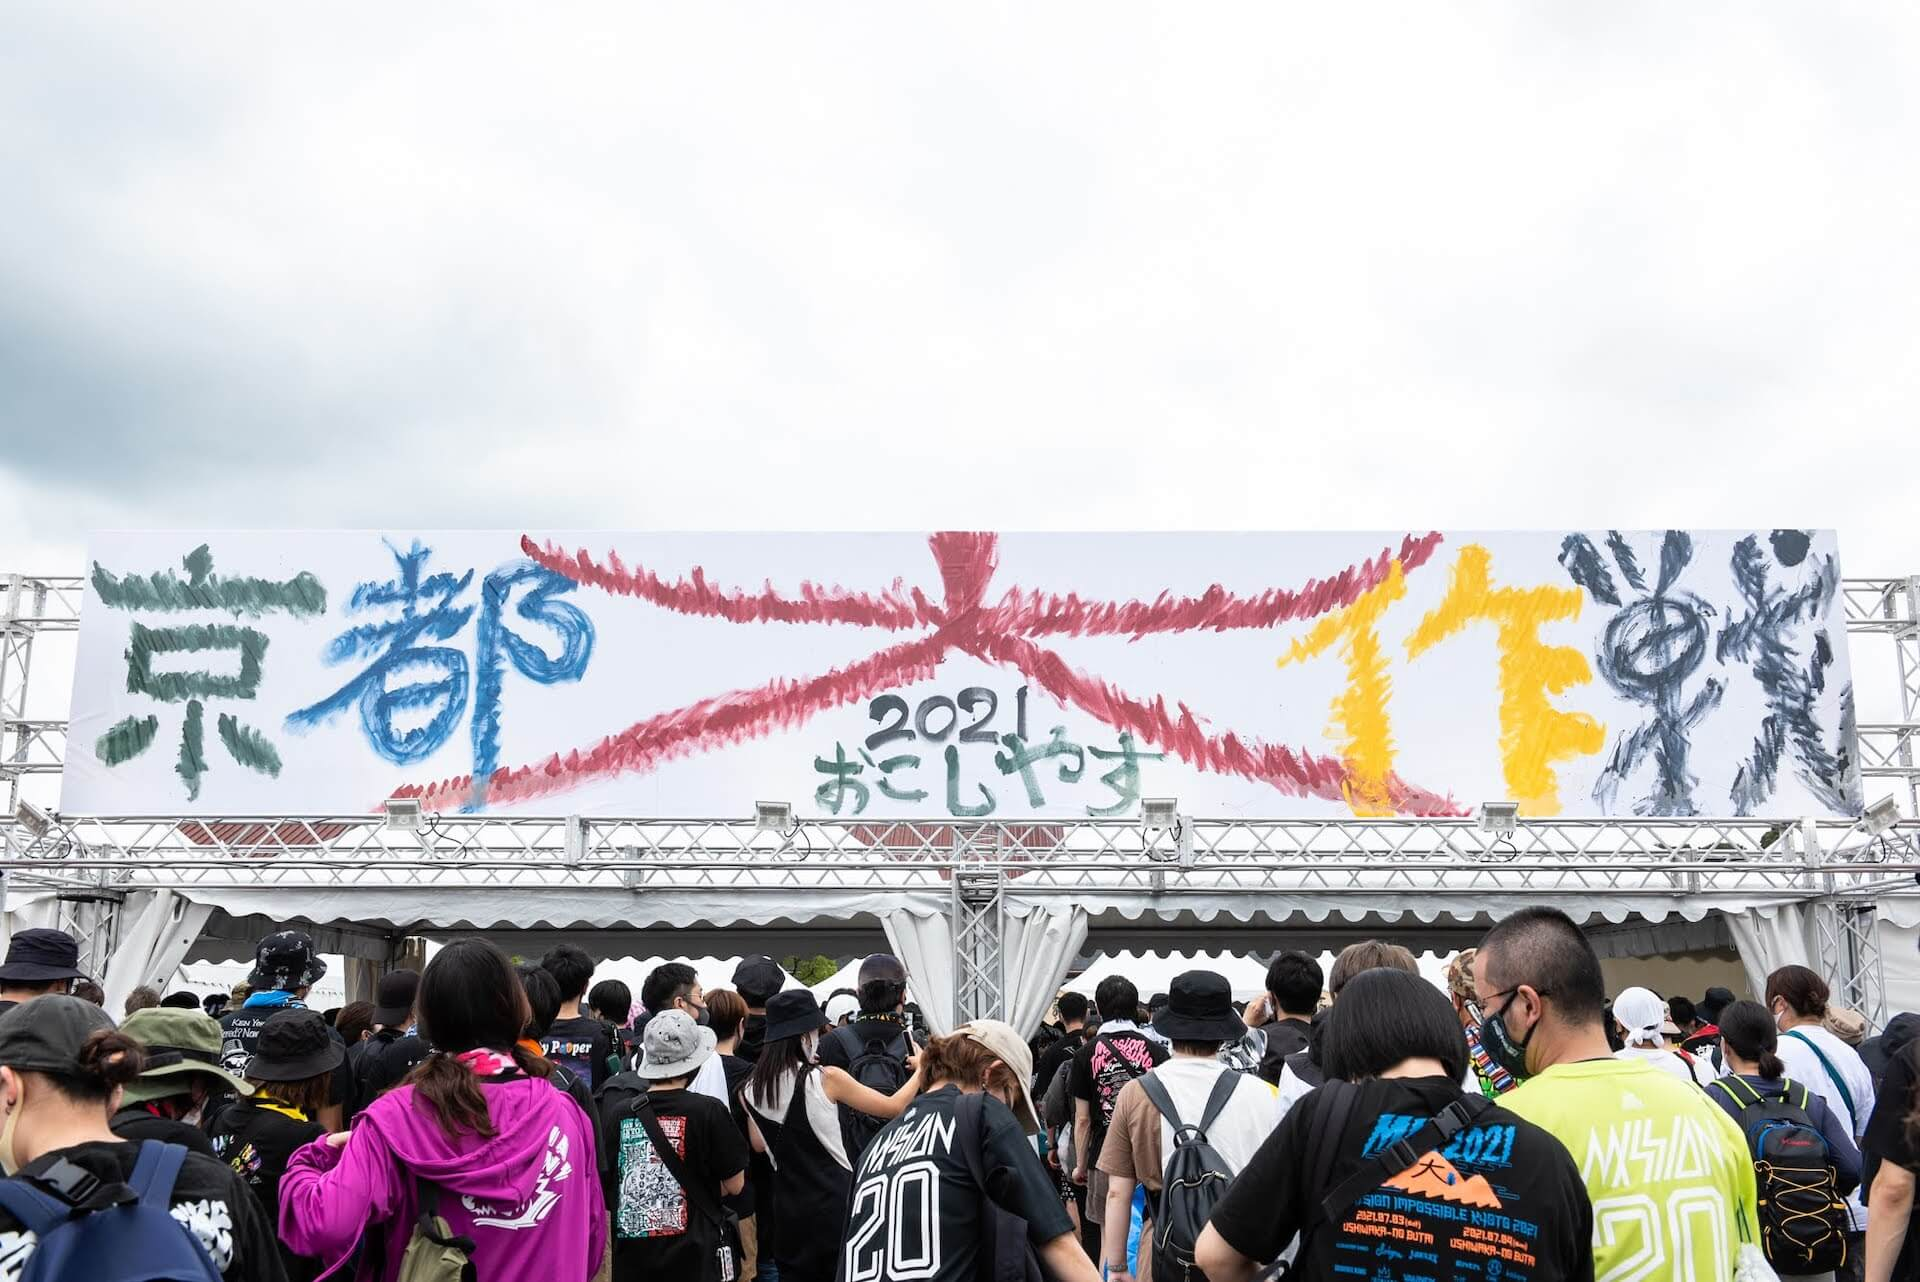 日本最大のフェス情報サイト『Festival Life』とPOCARI SWEATがコラボ企画をスタート!京都大作戦の現地レポートも music210805_pocari-sweat-07